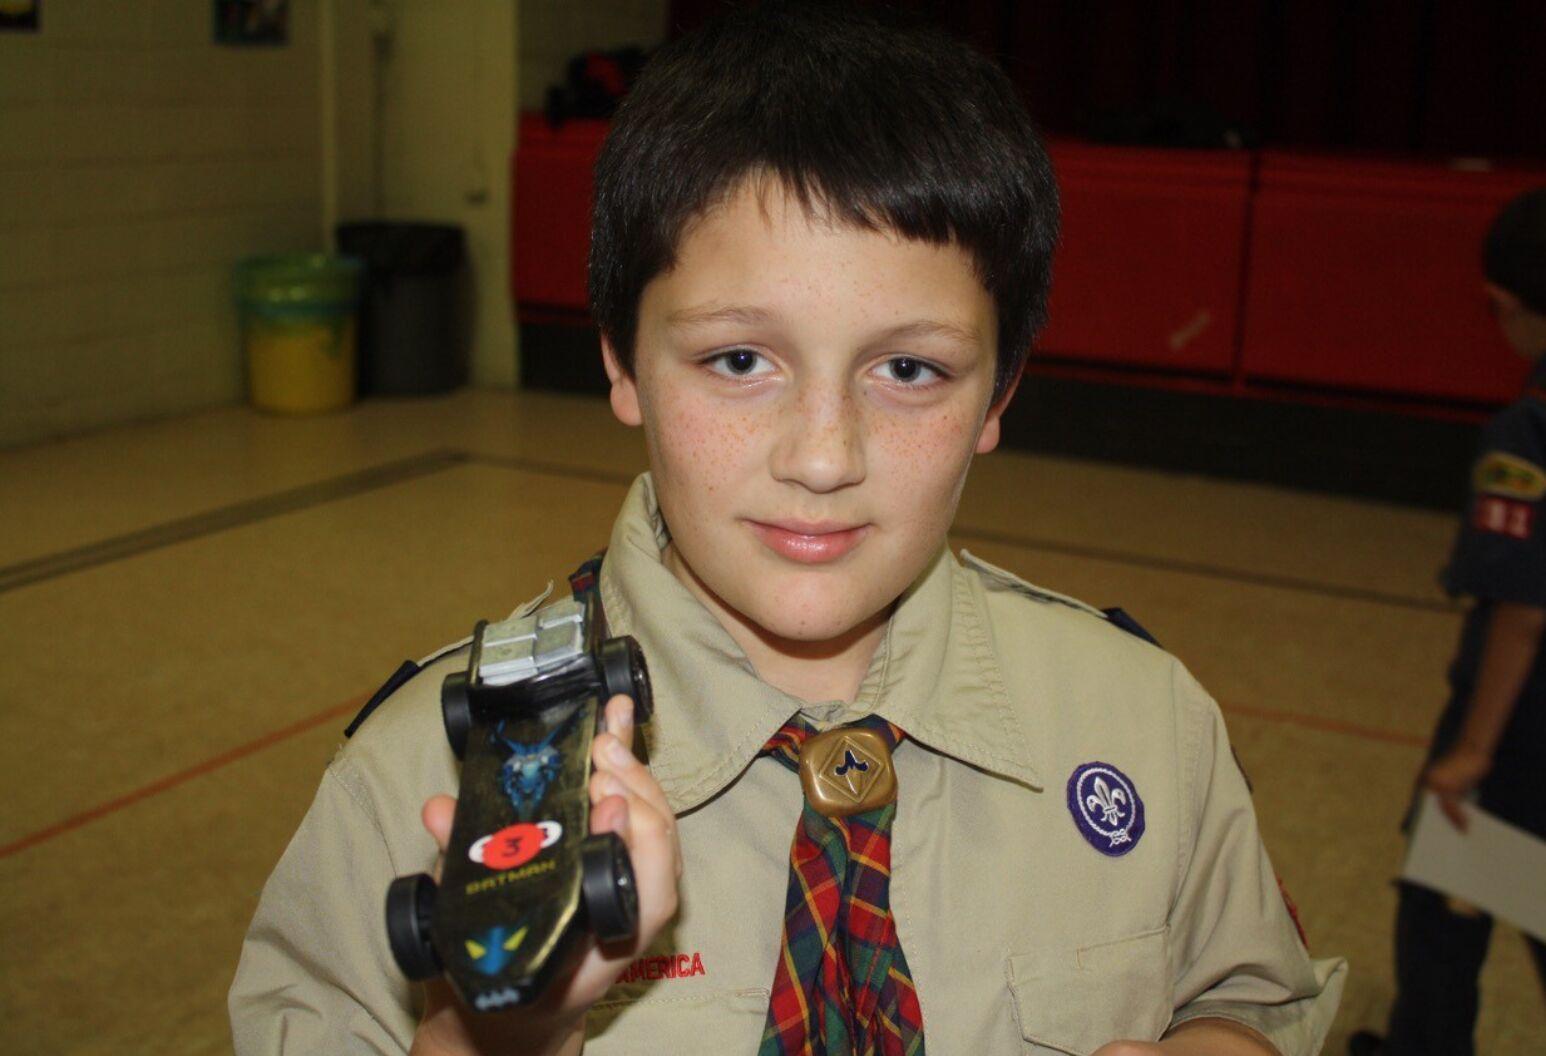 Boy scout holding a box car